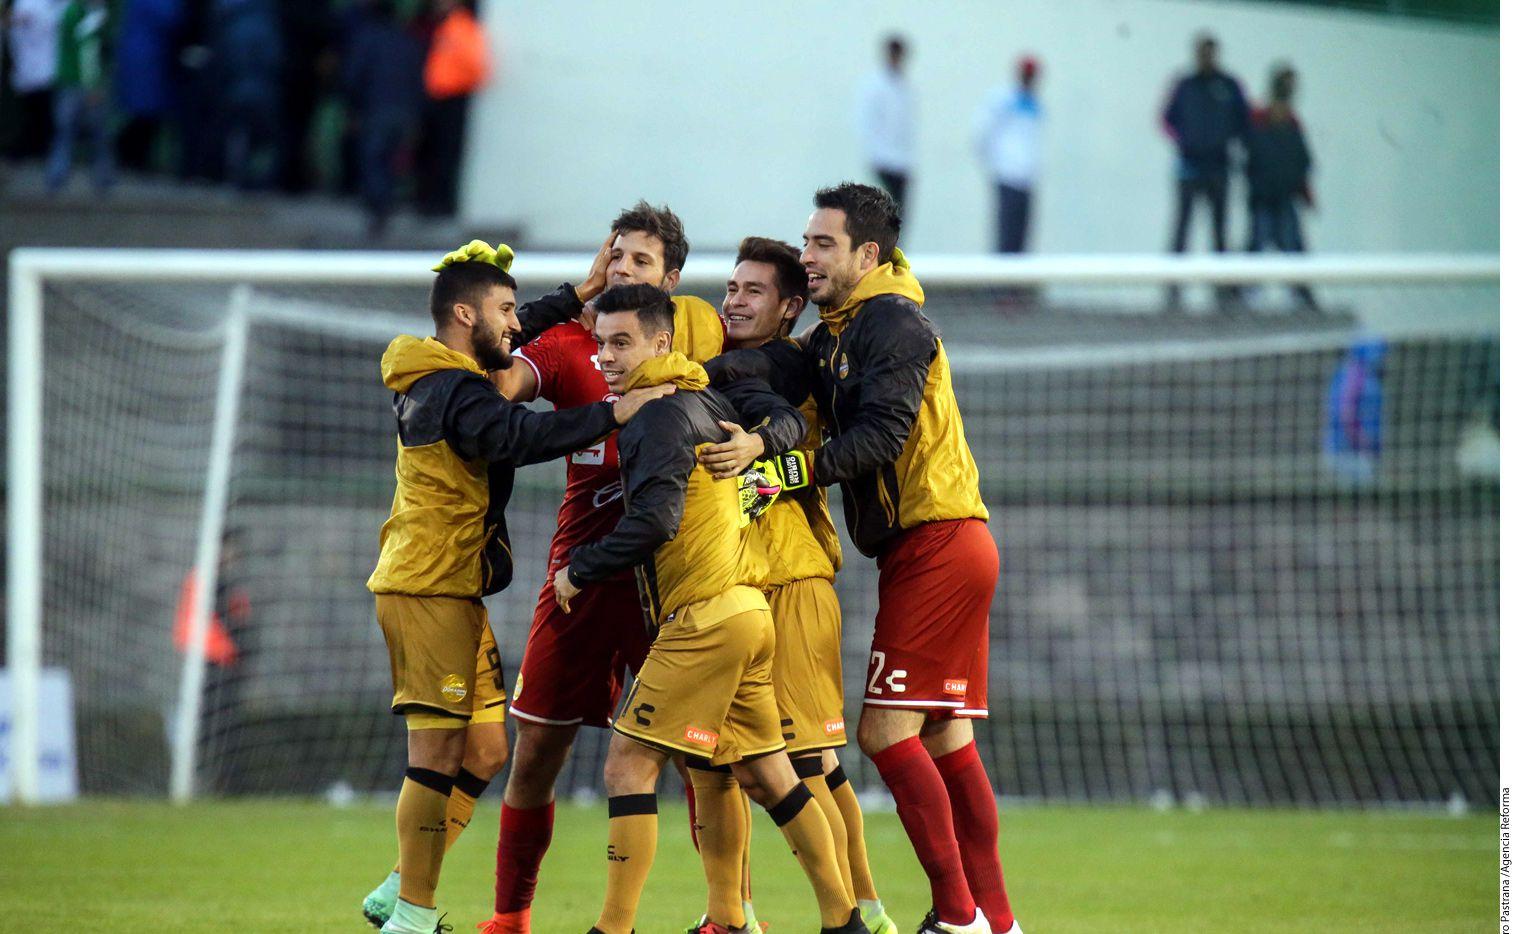 Dorados de Sinaloa venció 3-2 al Atlante, en el primer capítulo de la Final en el Ascenso MX. Foto AGENCIA REFORMA